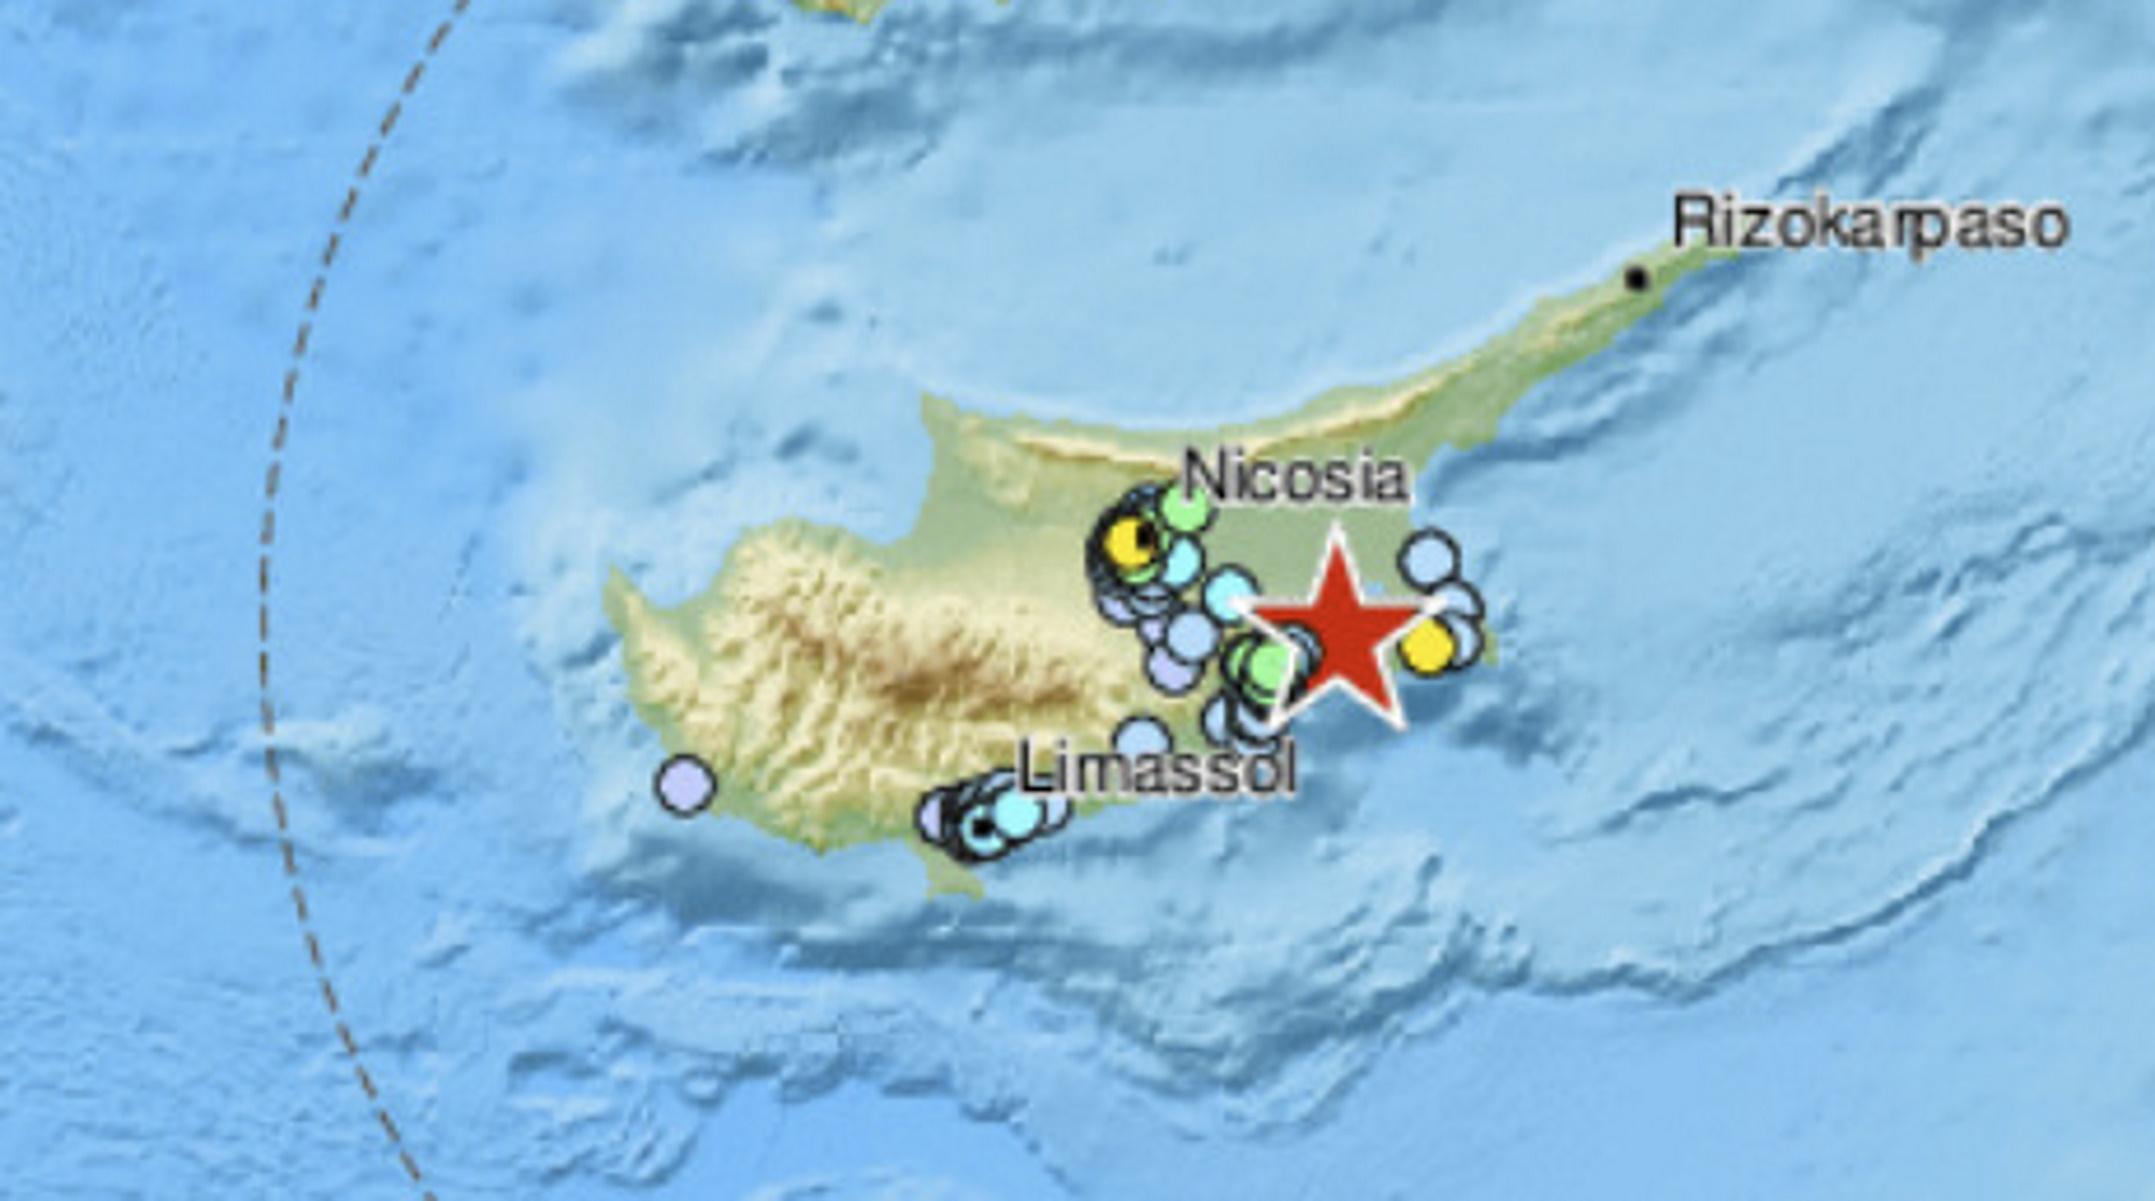 Δυνατός σεισμός 4,9 Ρίχτερ ταρακούνησε την Κύπρο - Η στιγμή που «χτύπησε» ο Εγκέλαδος (video)